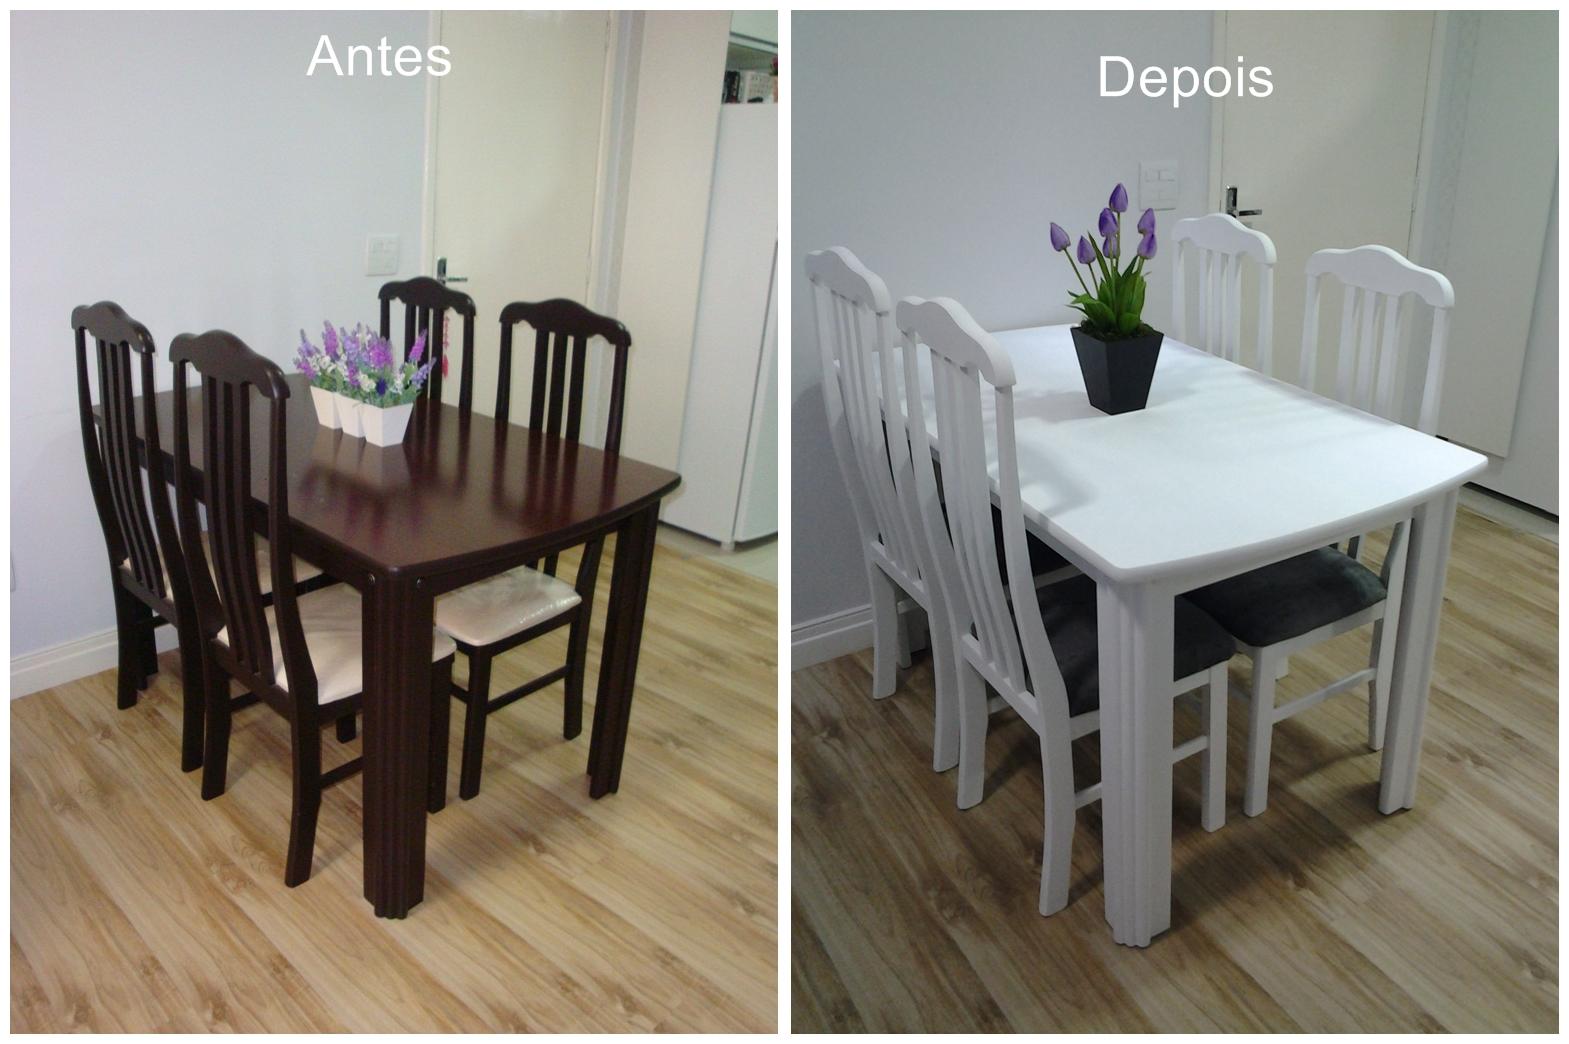 móveis da sala. Pintei a mesa e as cadeiras e troquei os assentos #7F6A4C 1569x1044